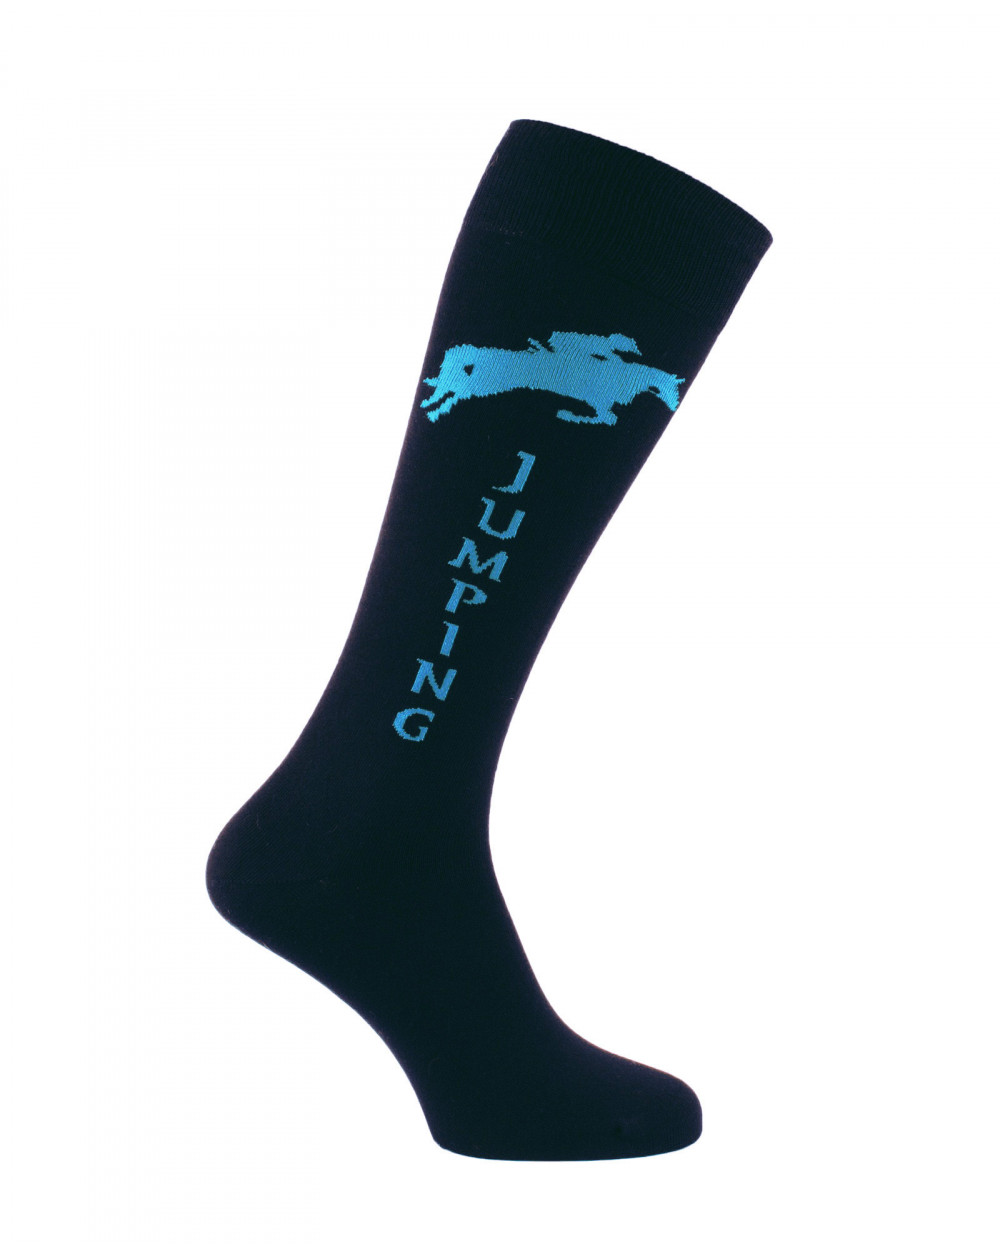 Chaussettes d'équitation Champion Jumping en noir et turquoise